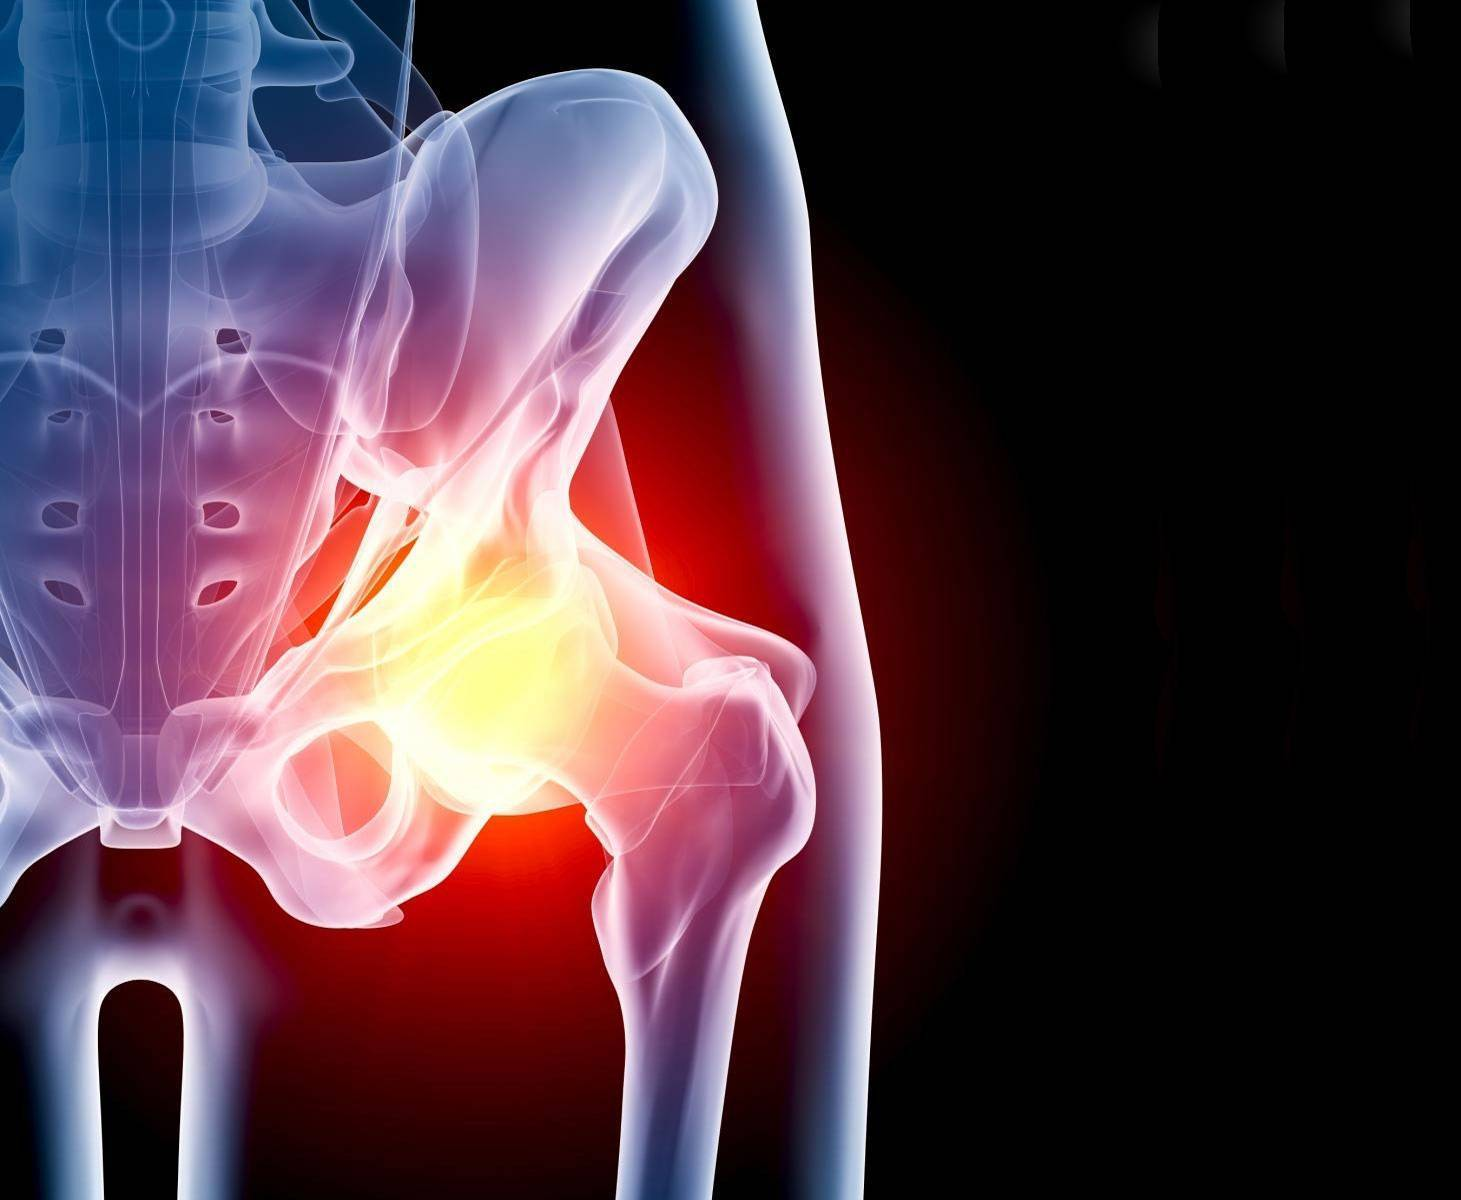 Полная характеристика артрита тазобедренного сустава: виды, симптомы, лечение